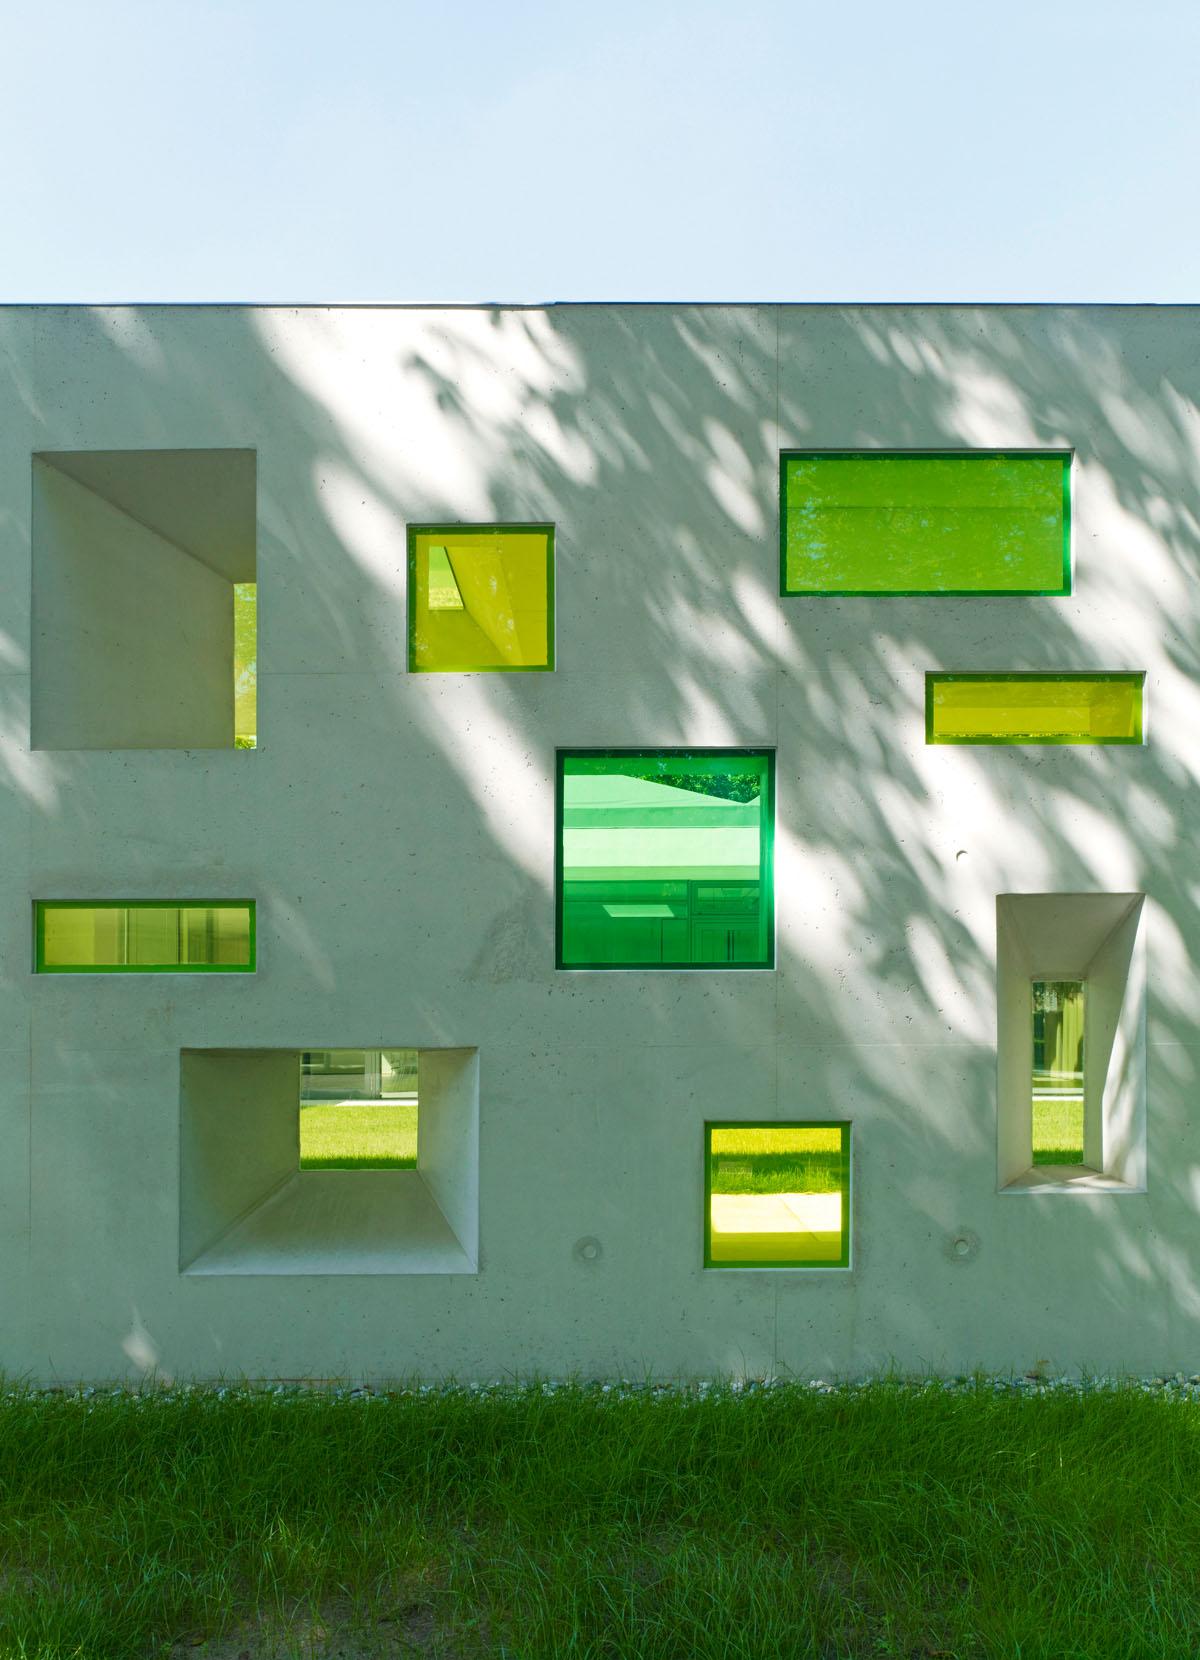 Foto der Südfassade des evangelischen Gemeindezentrums Zeilsheim von außen. Moderne Interpretationen von Kirchenfenstern in scheinbar chaotischer Anordnung in die Mauer eingefügt. Rechteckige Öffnungen, die als Trichter ausgebildet sind, mit Glasscheiben in unterschiedlichen Grüntönen.